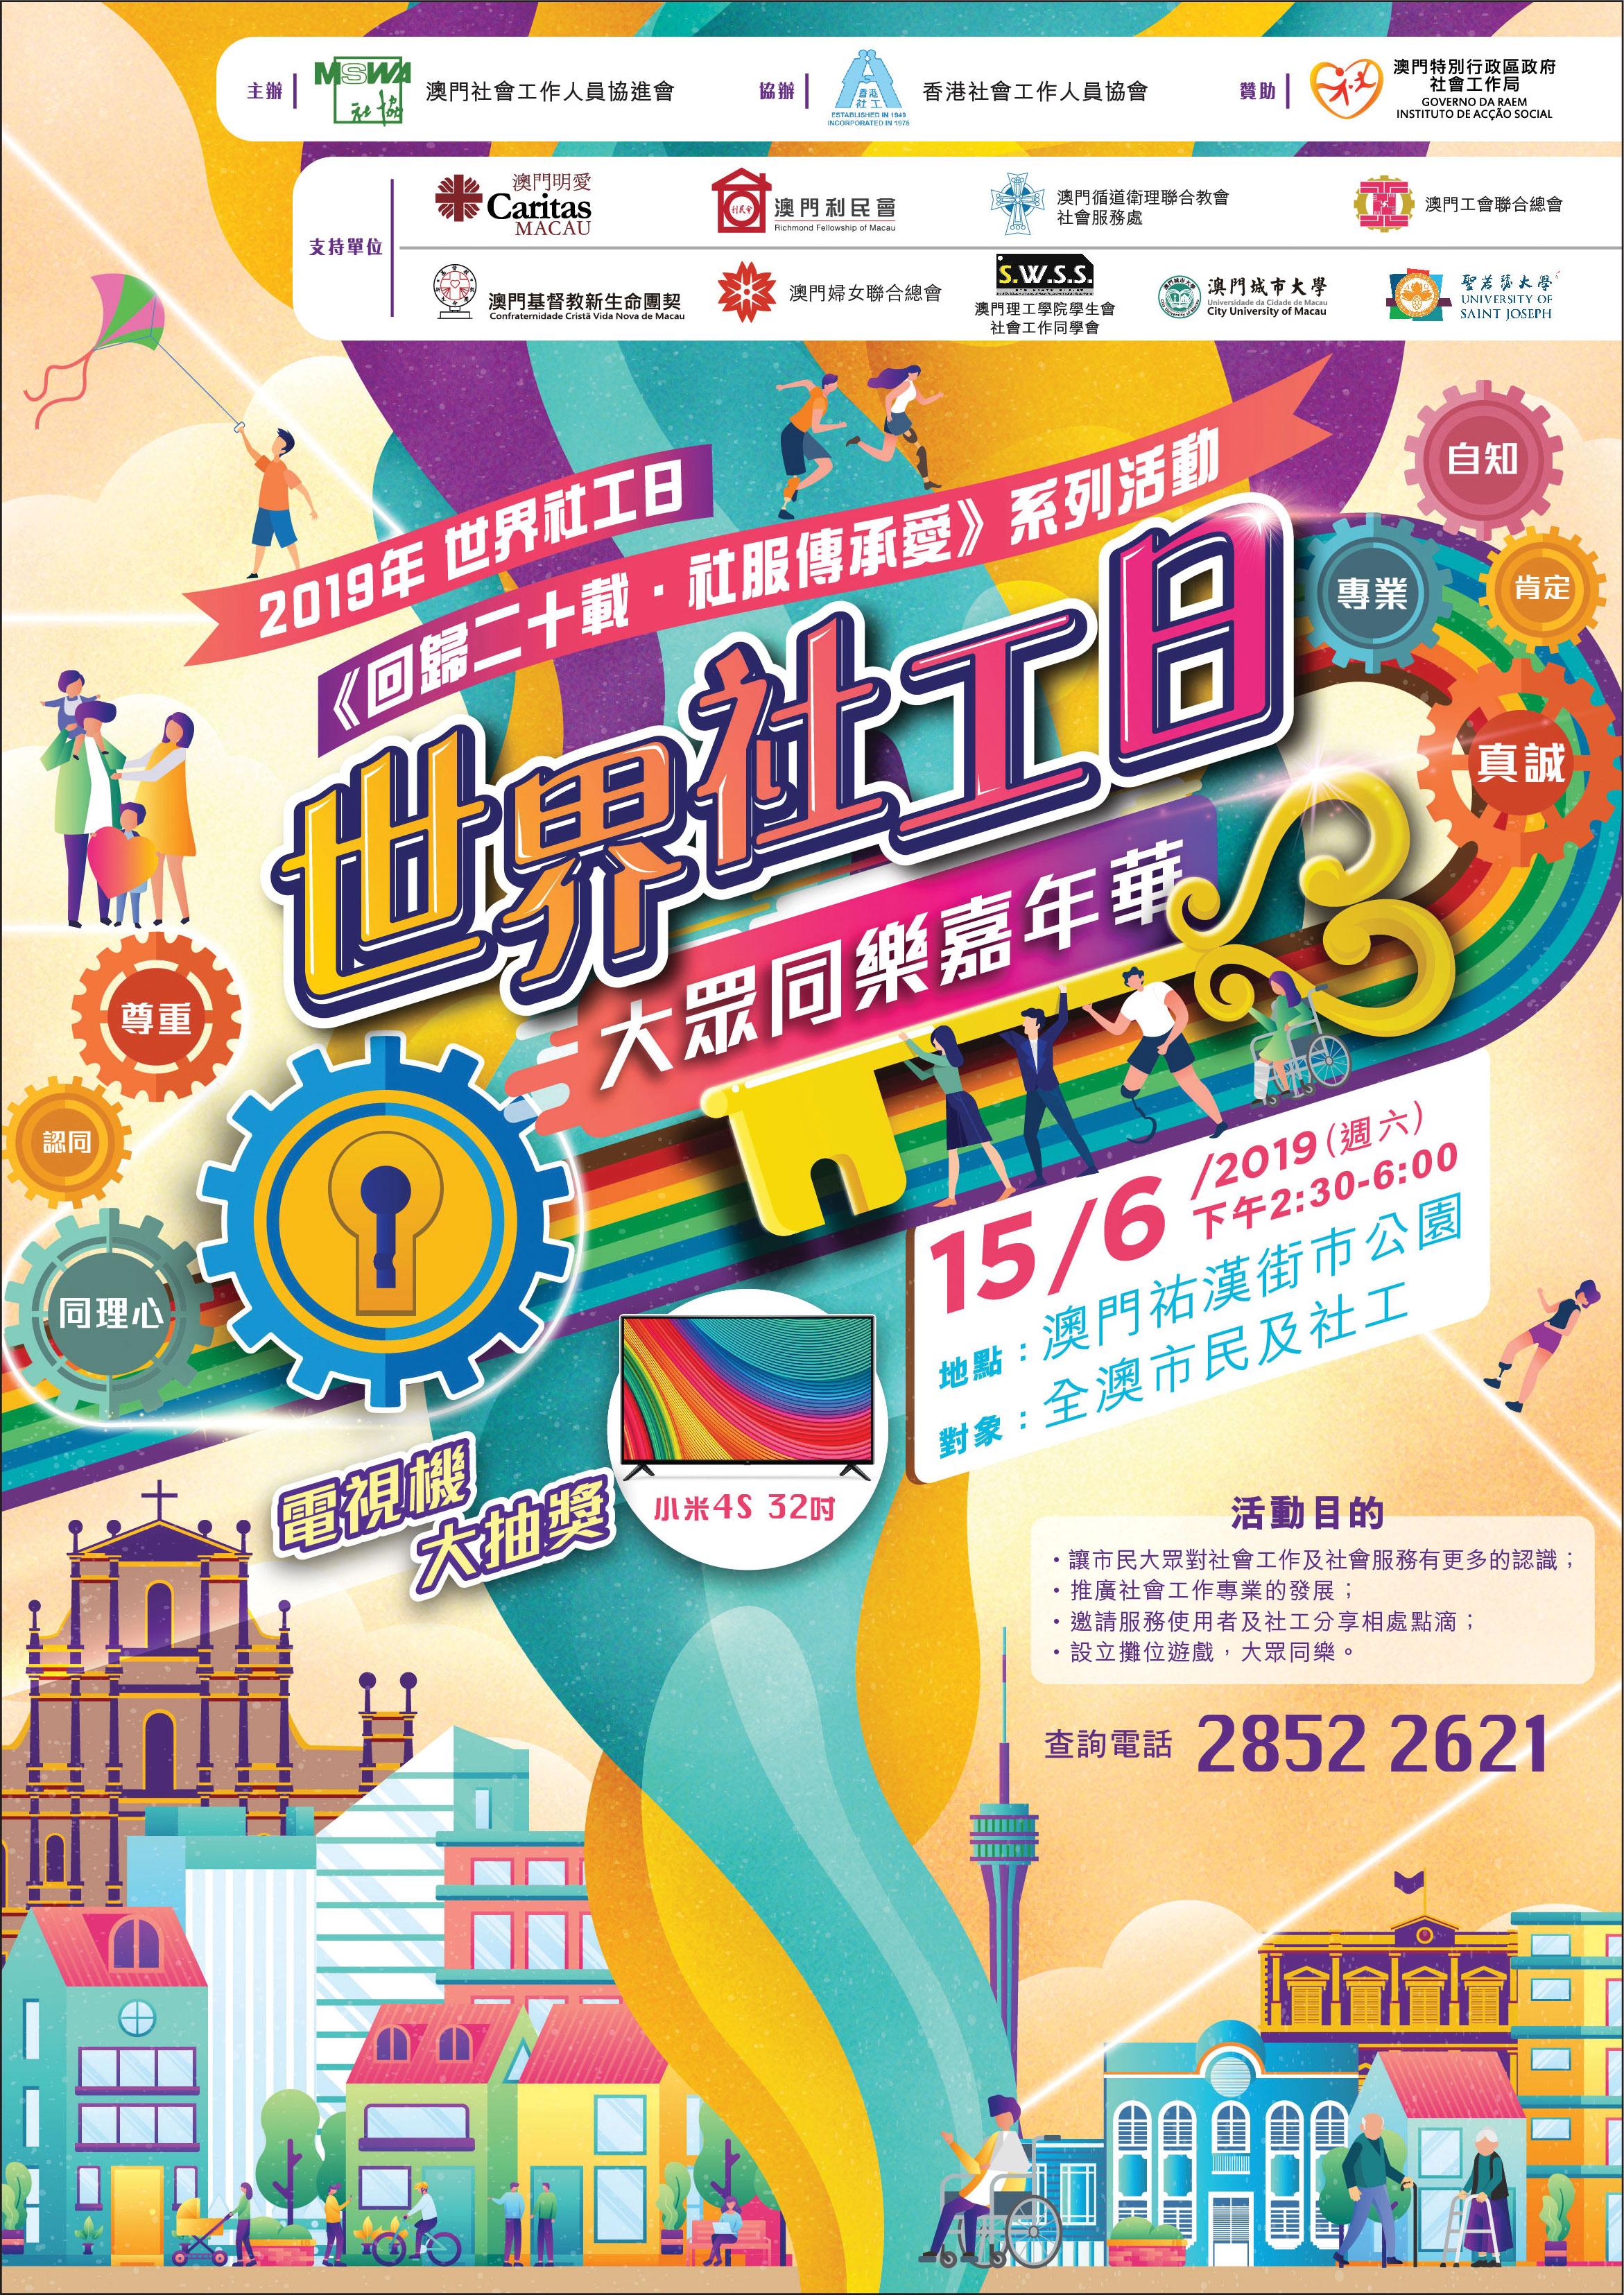 嘉年華poster